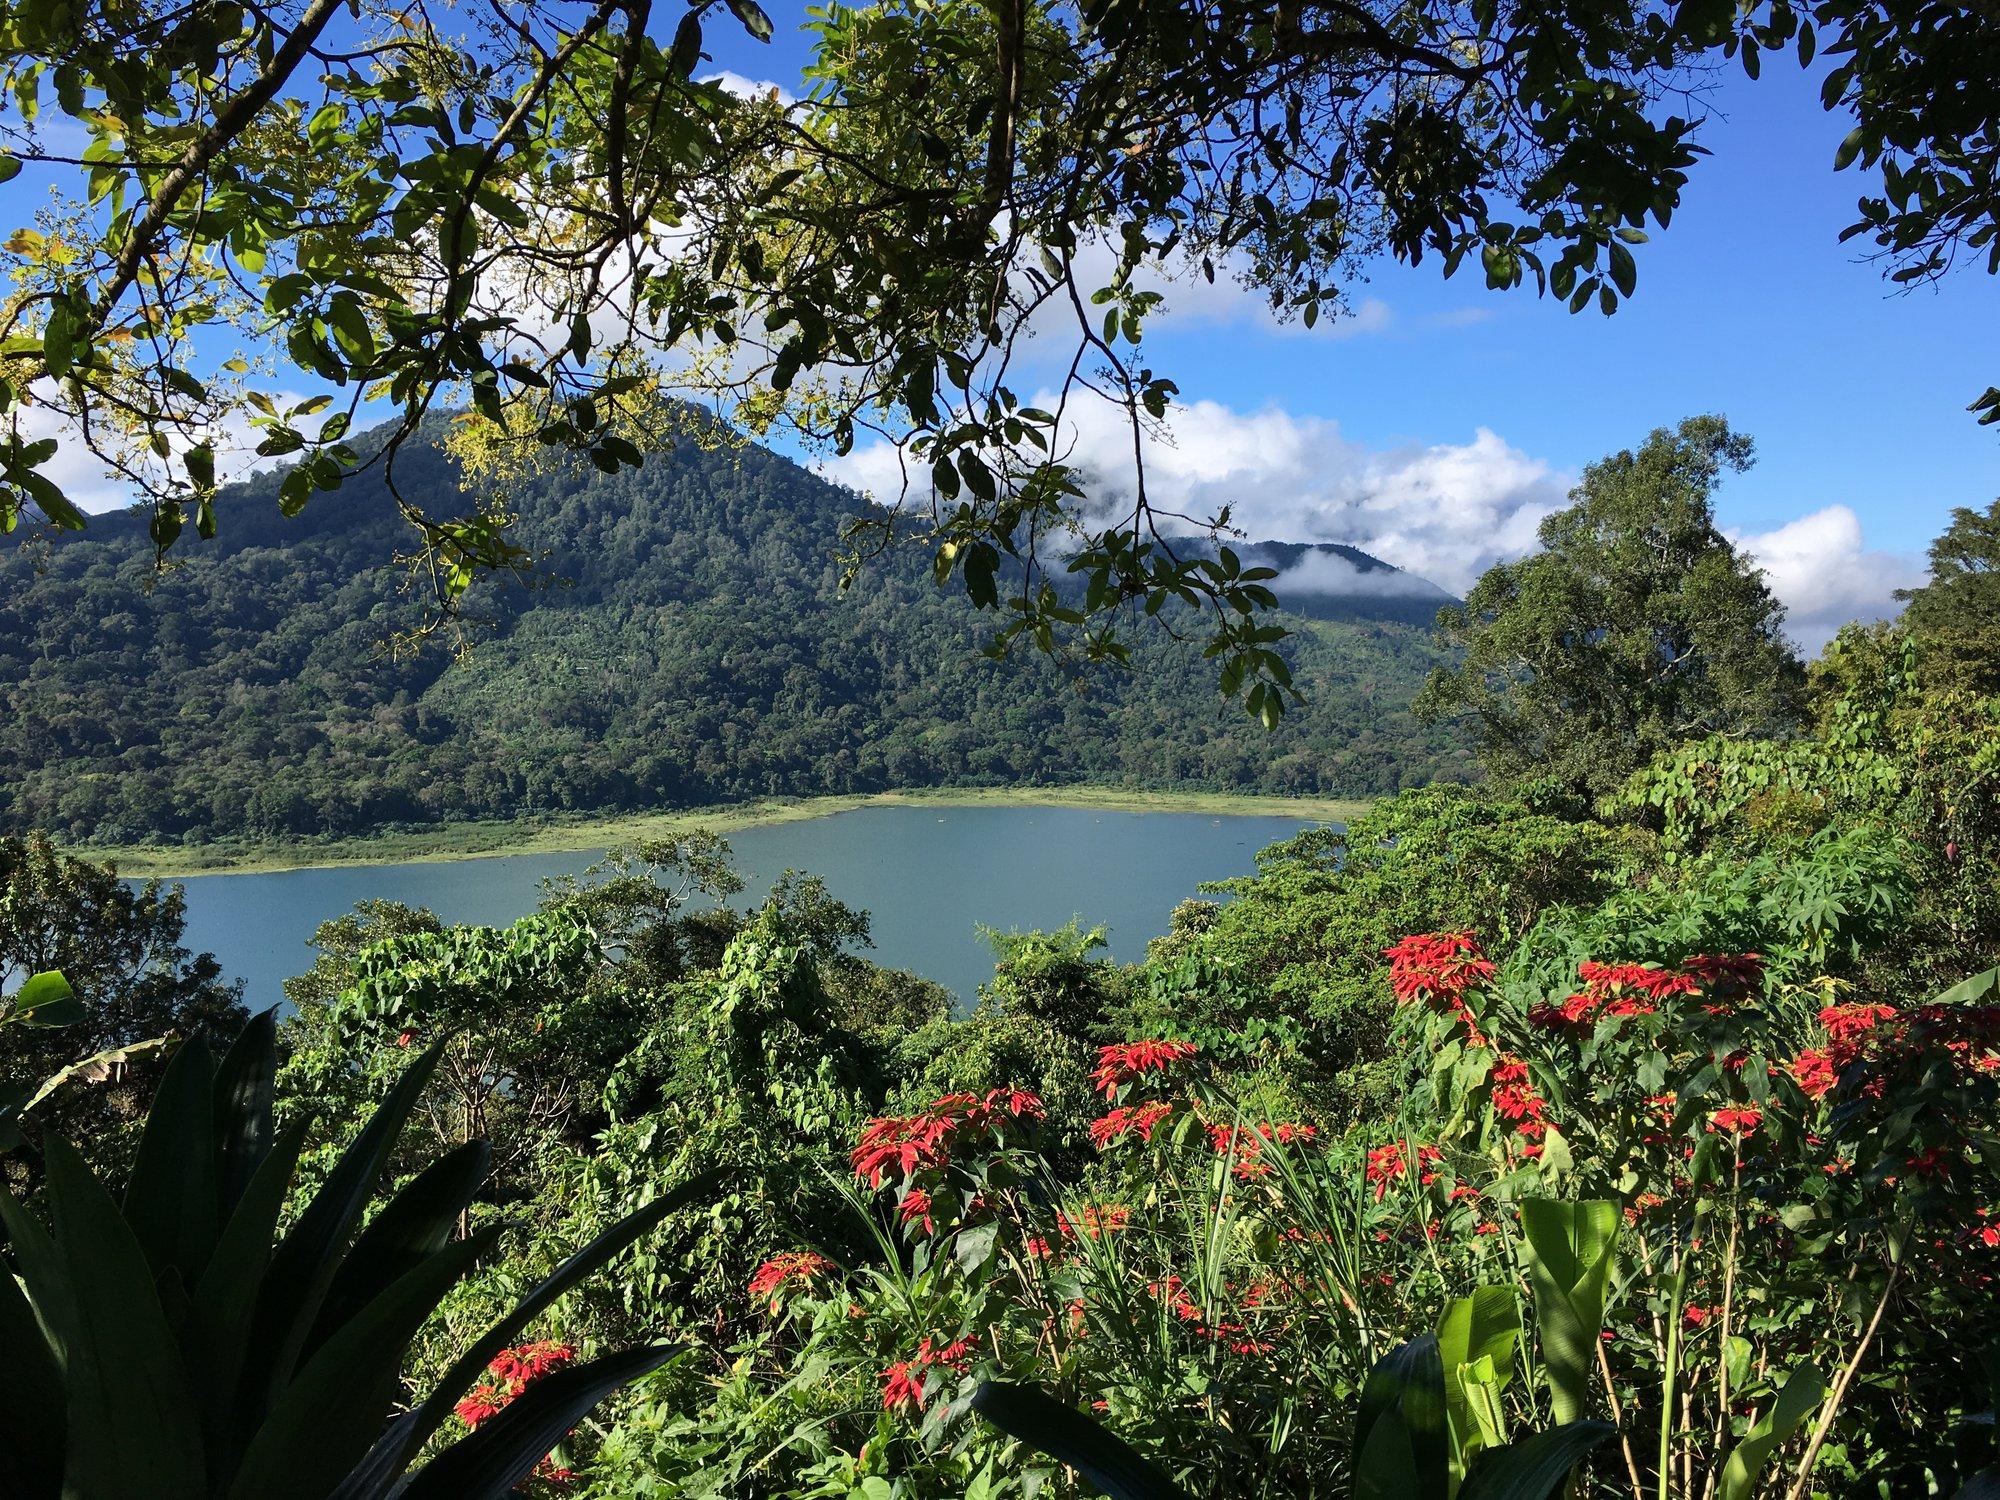 Bali je velmi zeleným ostrovem